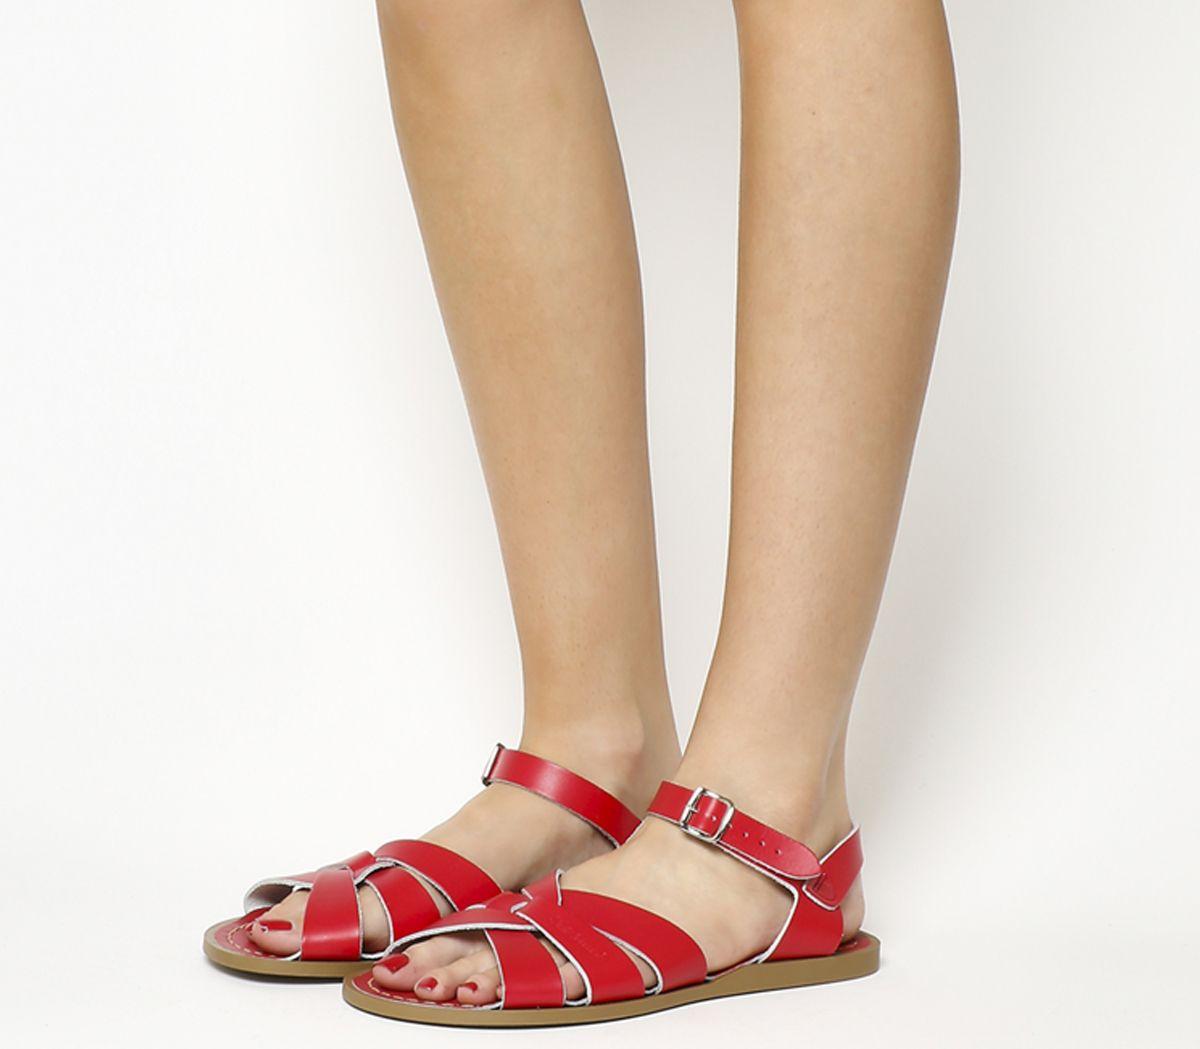 a2e6b834361d Salt Water Original Sandals Red Leather - Sandals